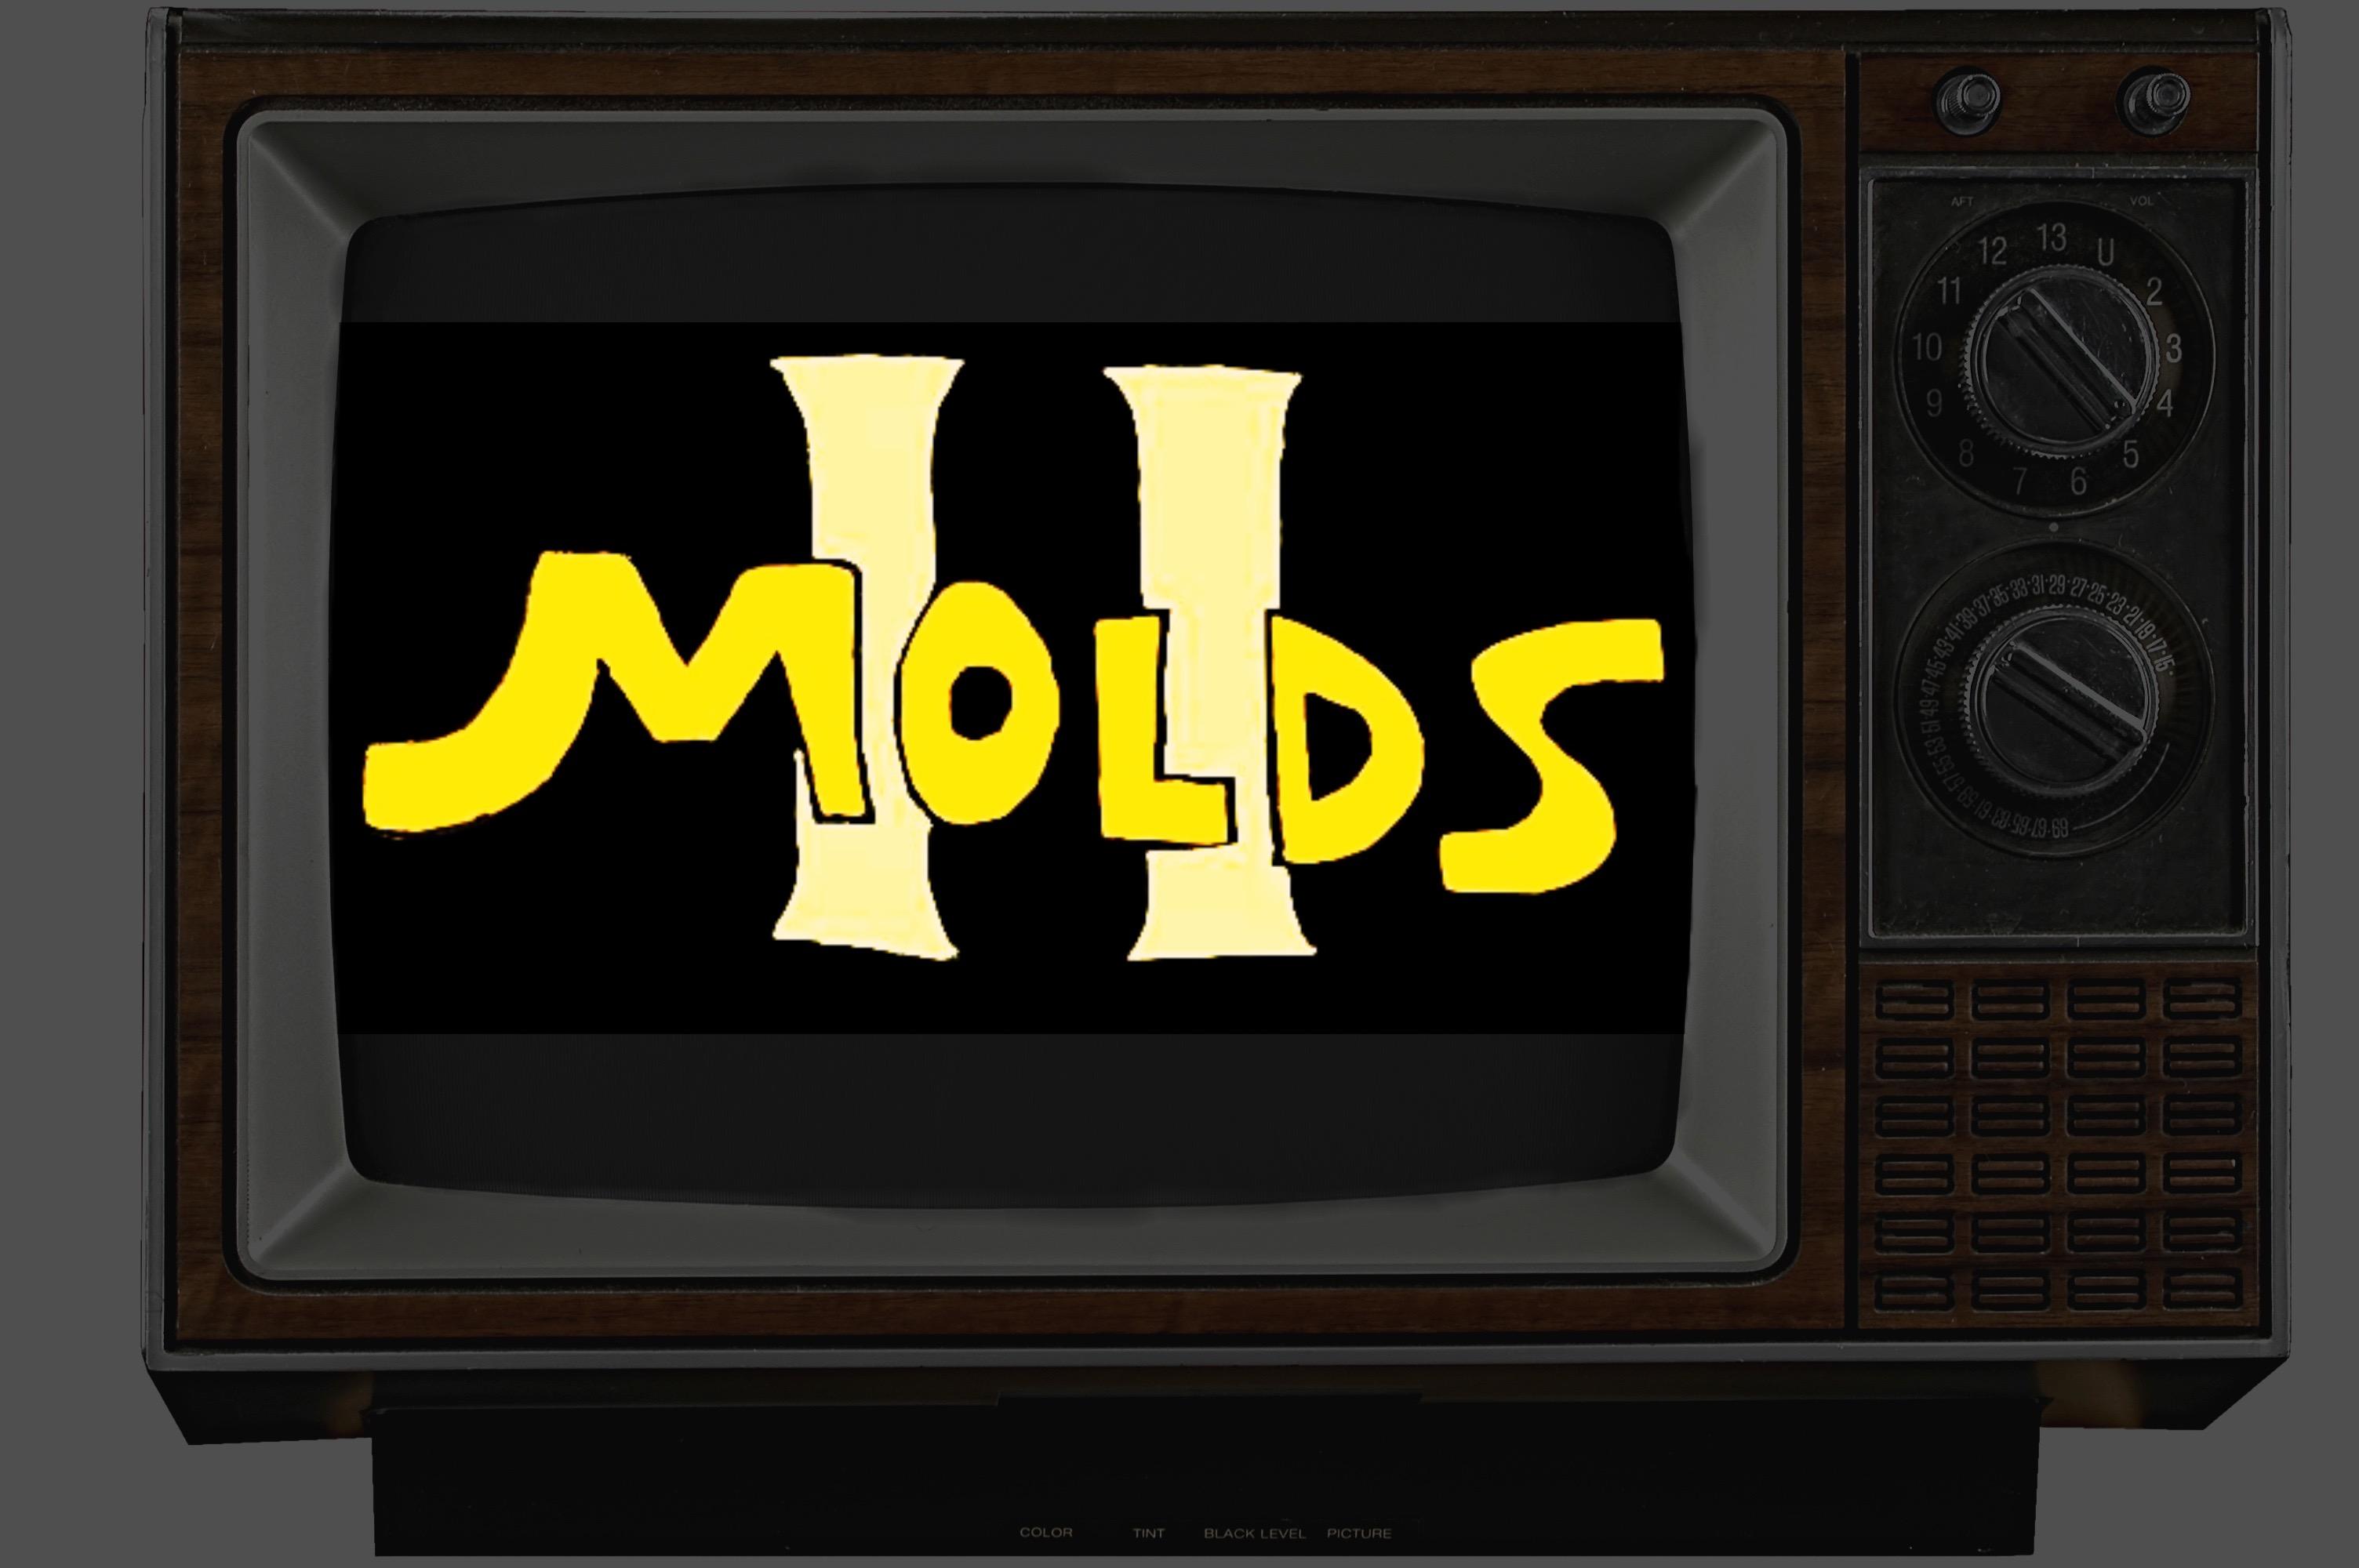 77-Same MOLDS Time... Same MOLDS station